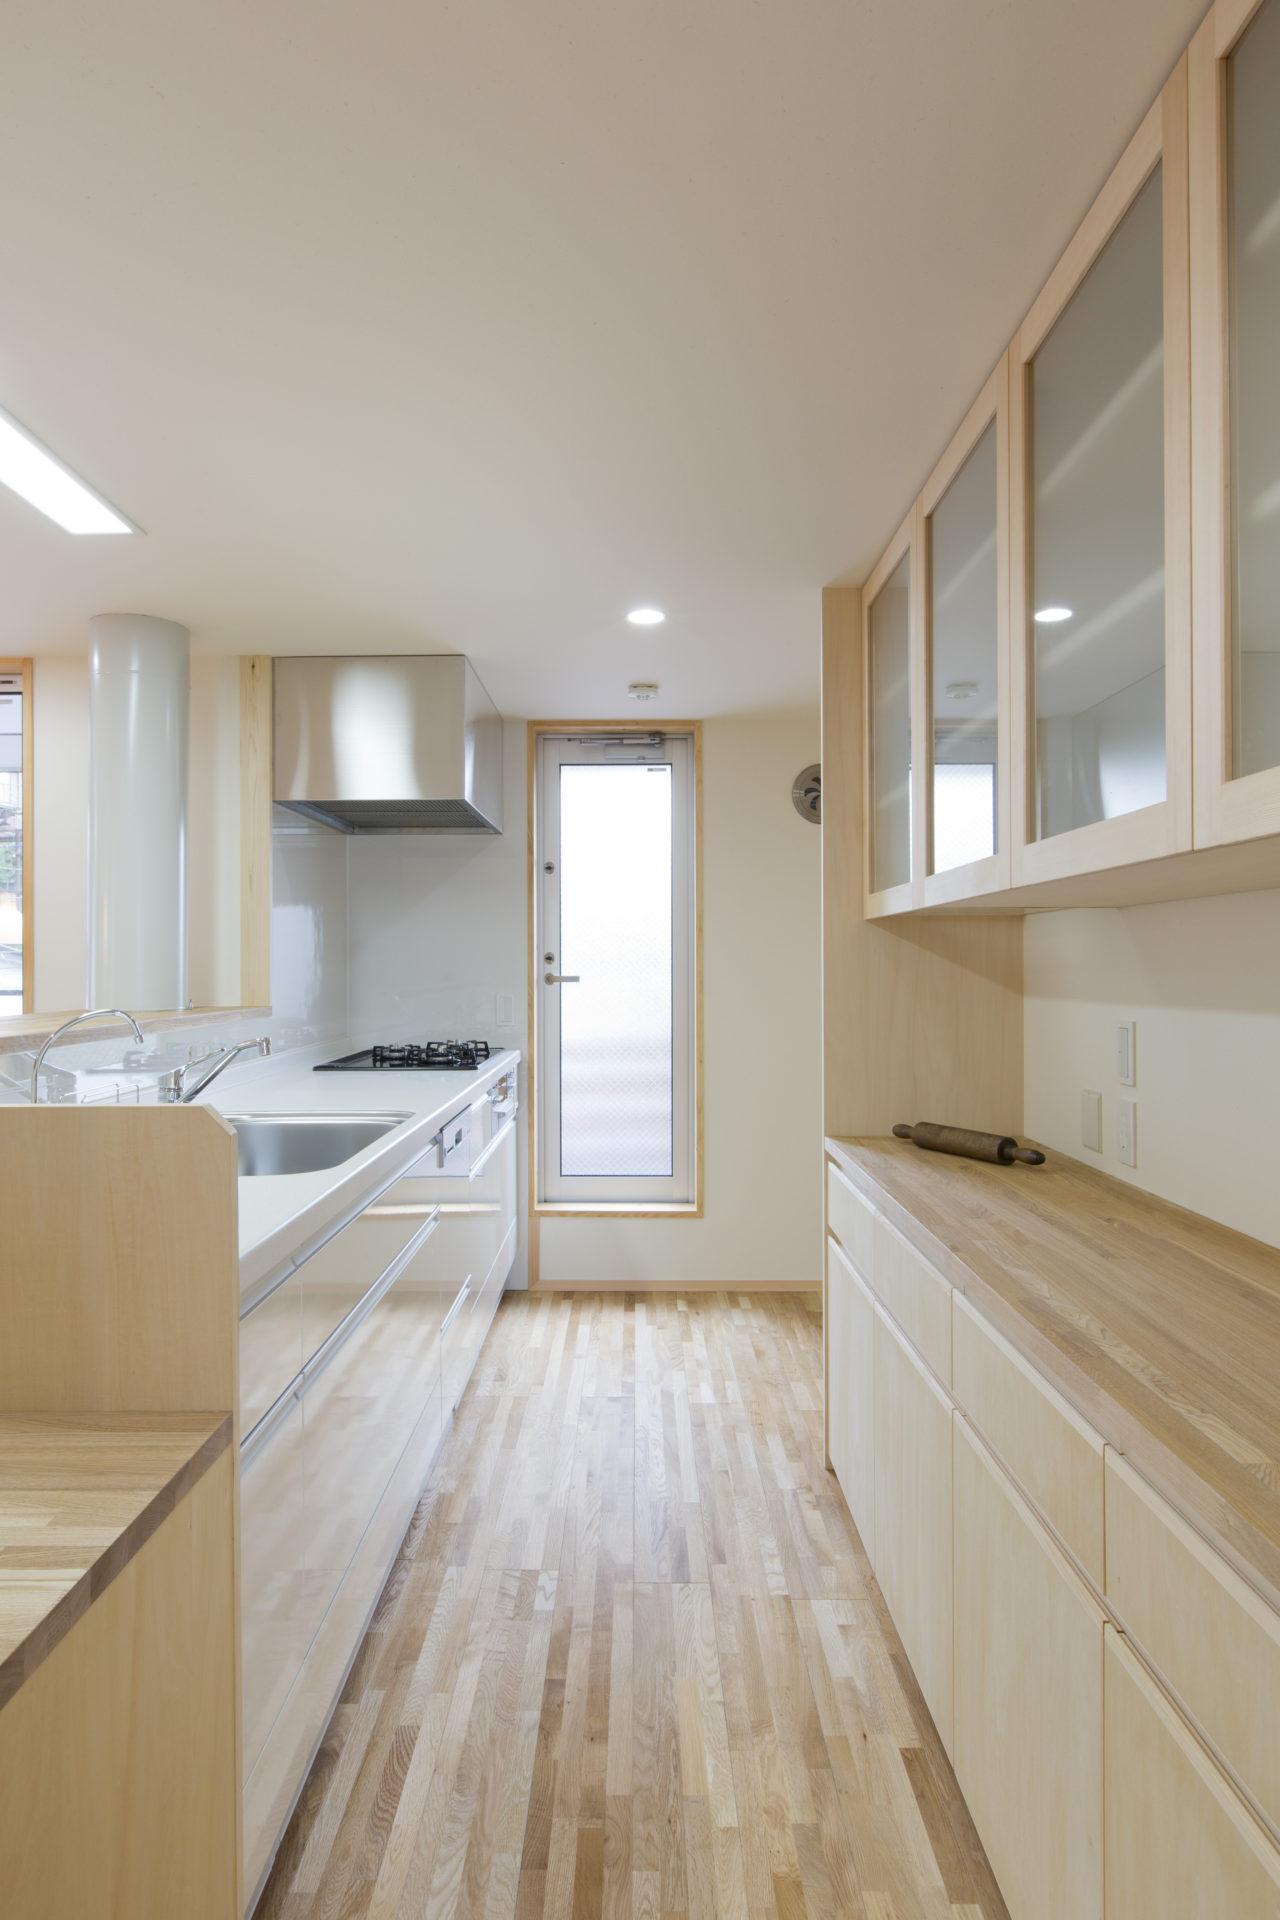 久保町の家 キッチン/Mアトリエ